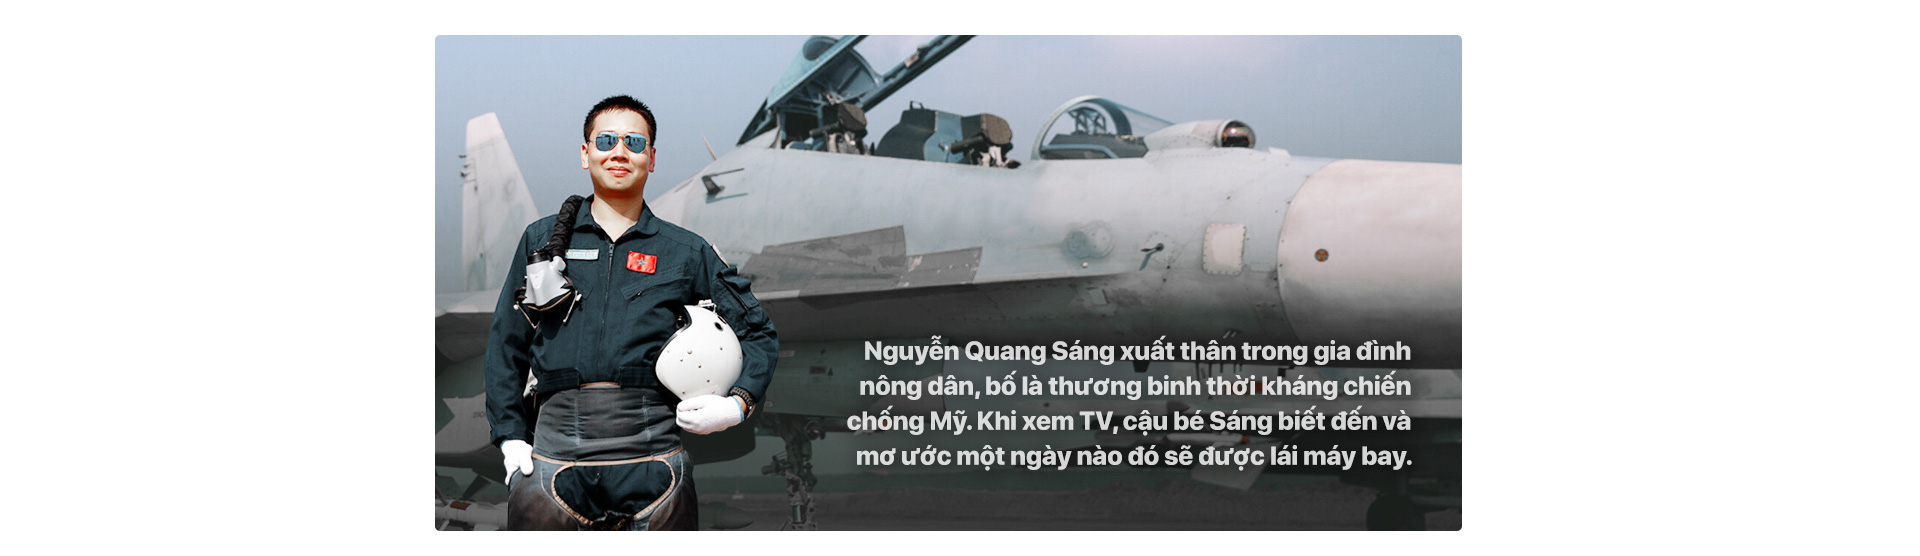 Phó phi đội trưởng 30 tuổi của chiến đấu cơ Su-30MK2 - Ảnh 2.